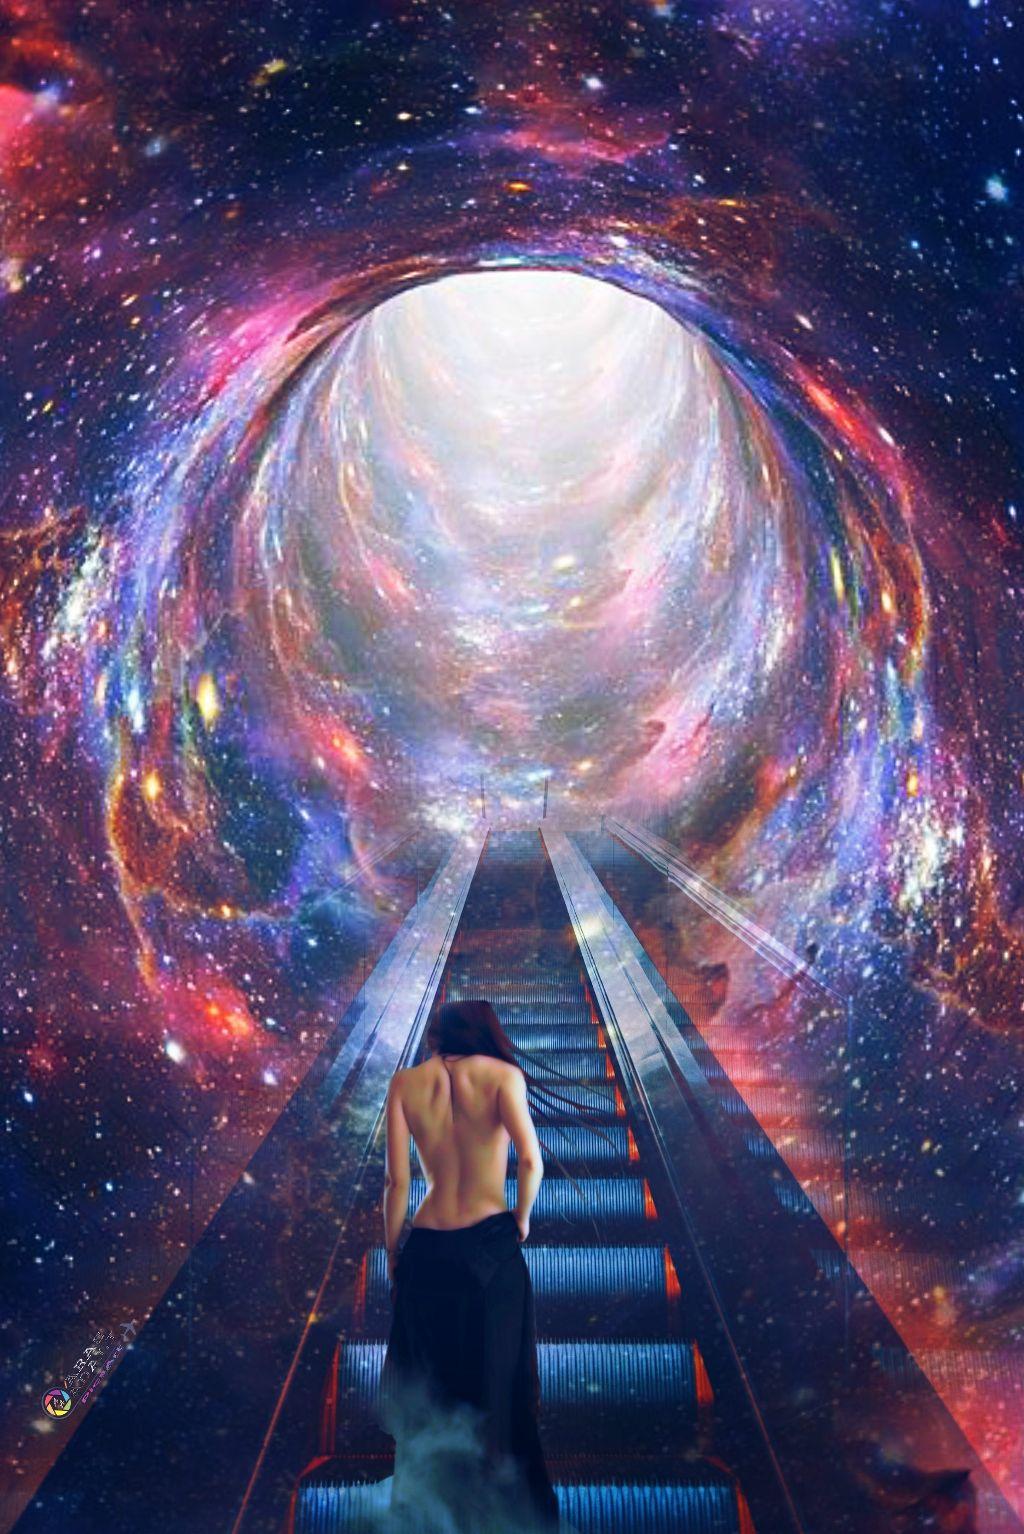 #freetoedit #galaxy #stars #universe #picsart @pa @freetoedit